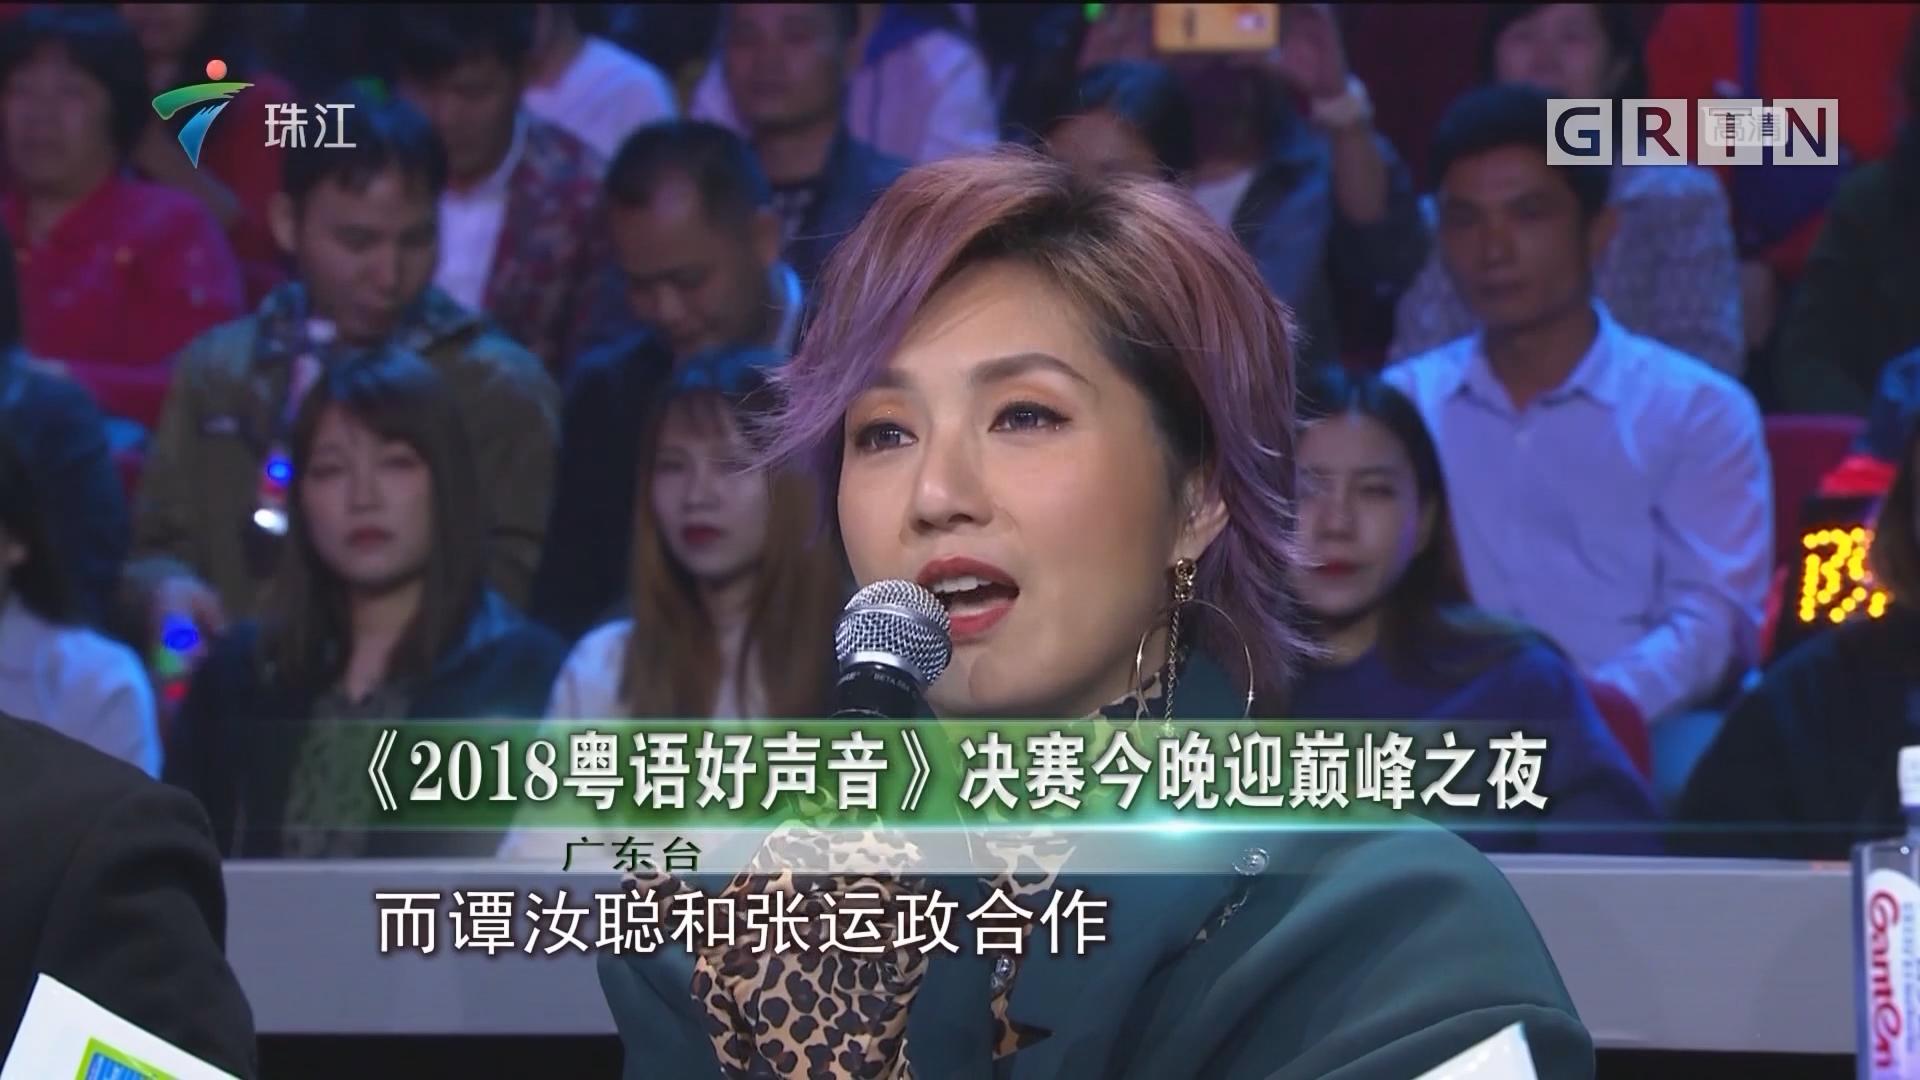 《2018粤语好声音》决赛今晚迎巅峰之夜